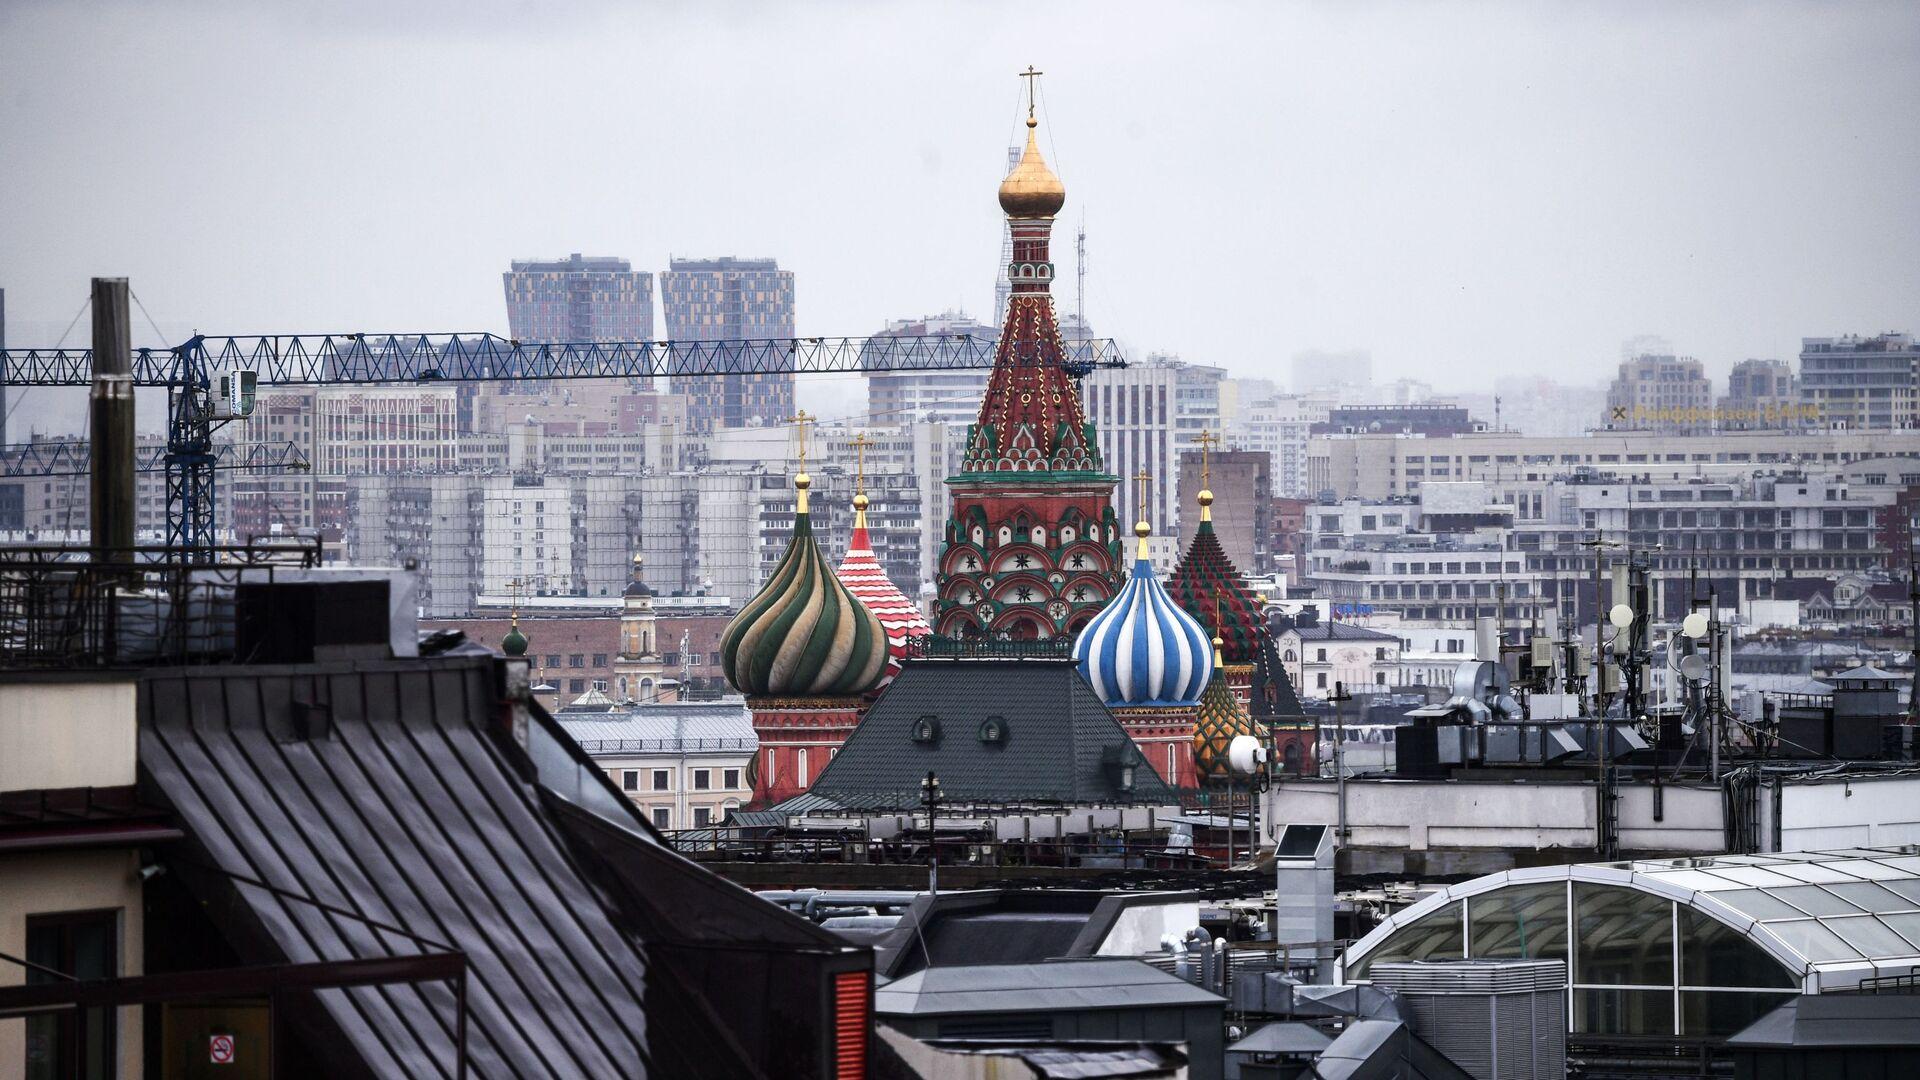 Москва: Протеривање руског дипломате из Тиране неће остати без одговора - Sputnik Србија, 1920, 23.09.2021